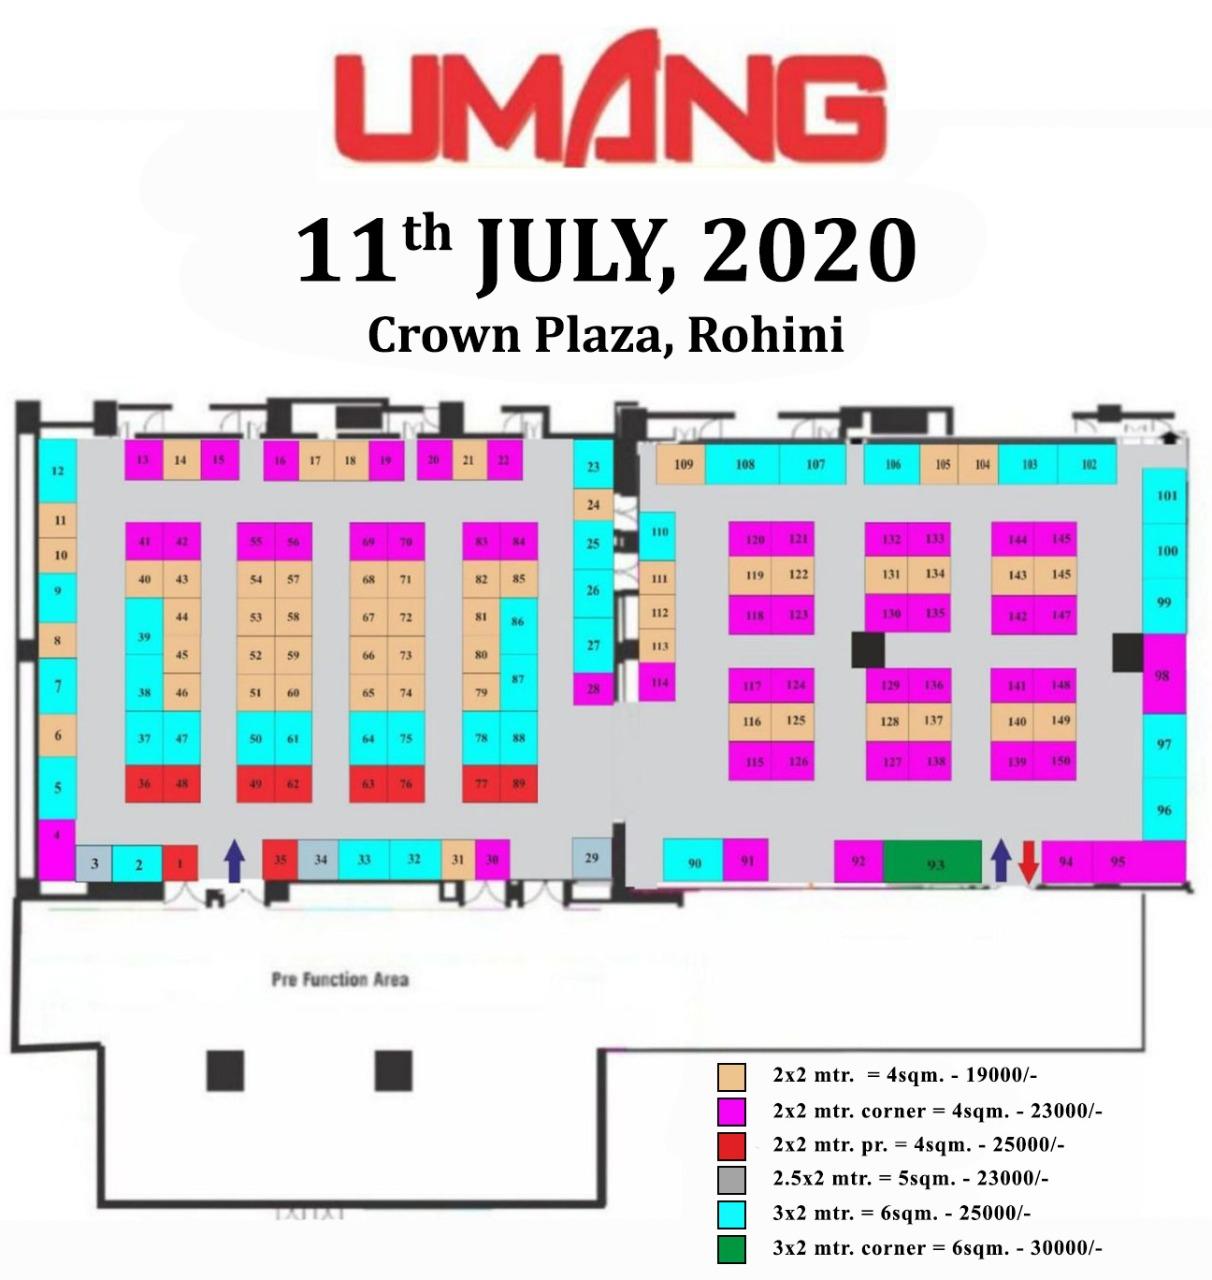 Umang Fashion & Lifestyle Exhibition